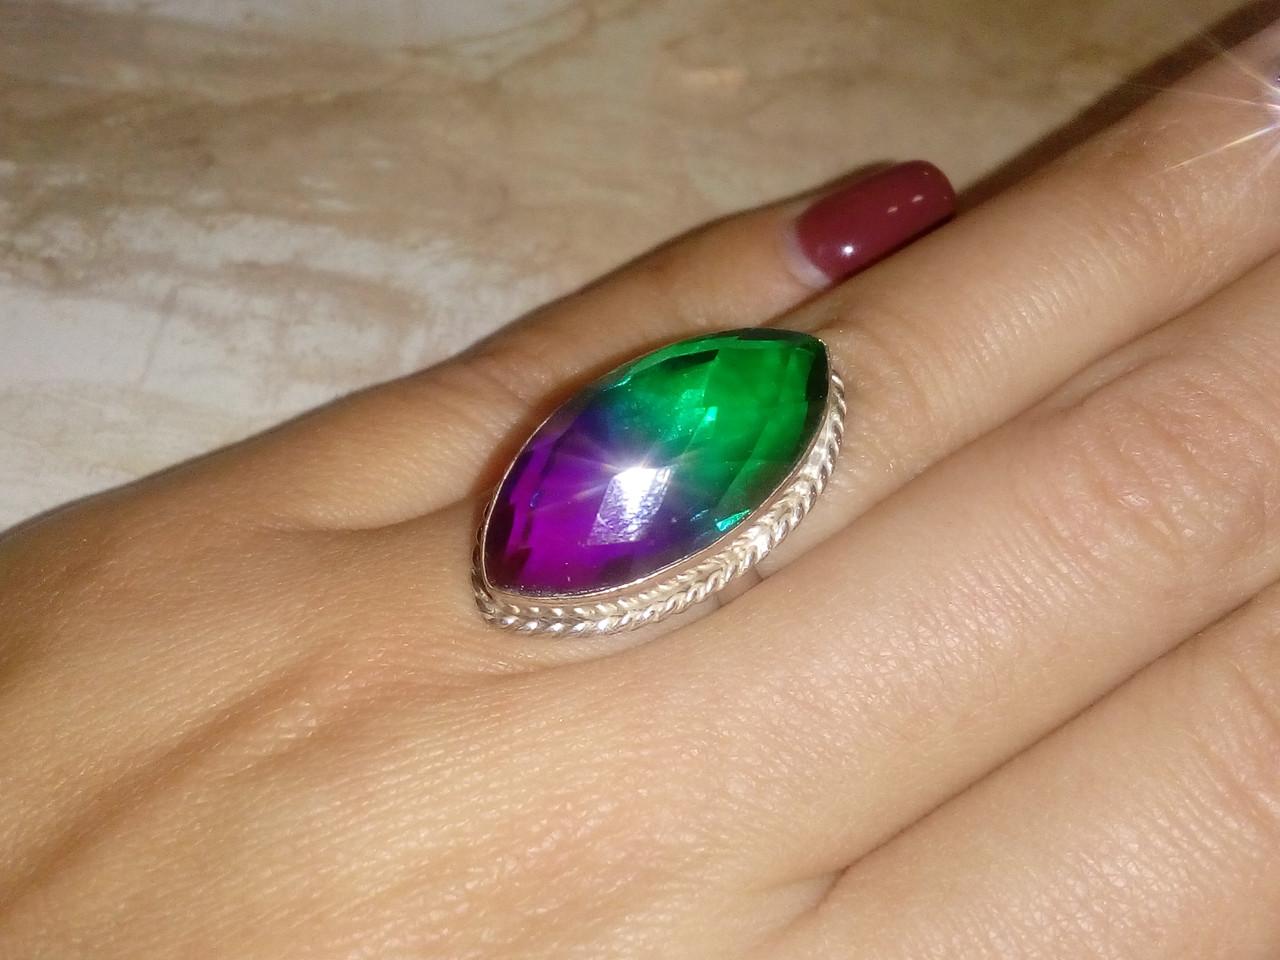 Кварц-топаз кольцо с турмалиновым кварц-топазом в серебре 16-16.5 размер Индия